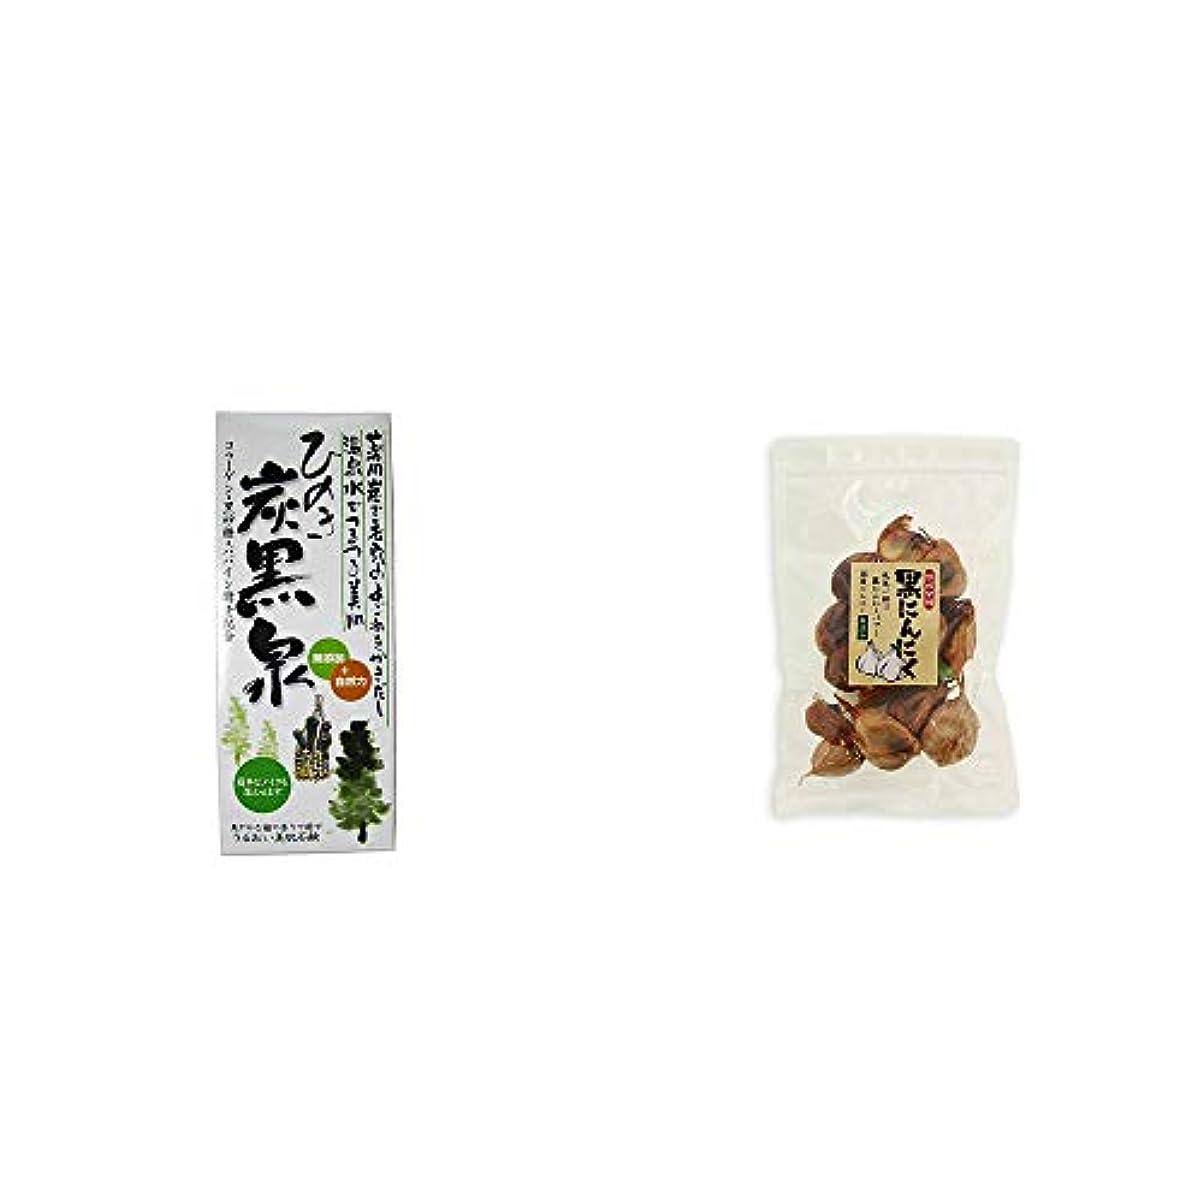 騒ぎ流行継続中[2点セット] ひのき炭黒泉 箱入り(75g×3)?熟成発酵 黒にんにく(120g)